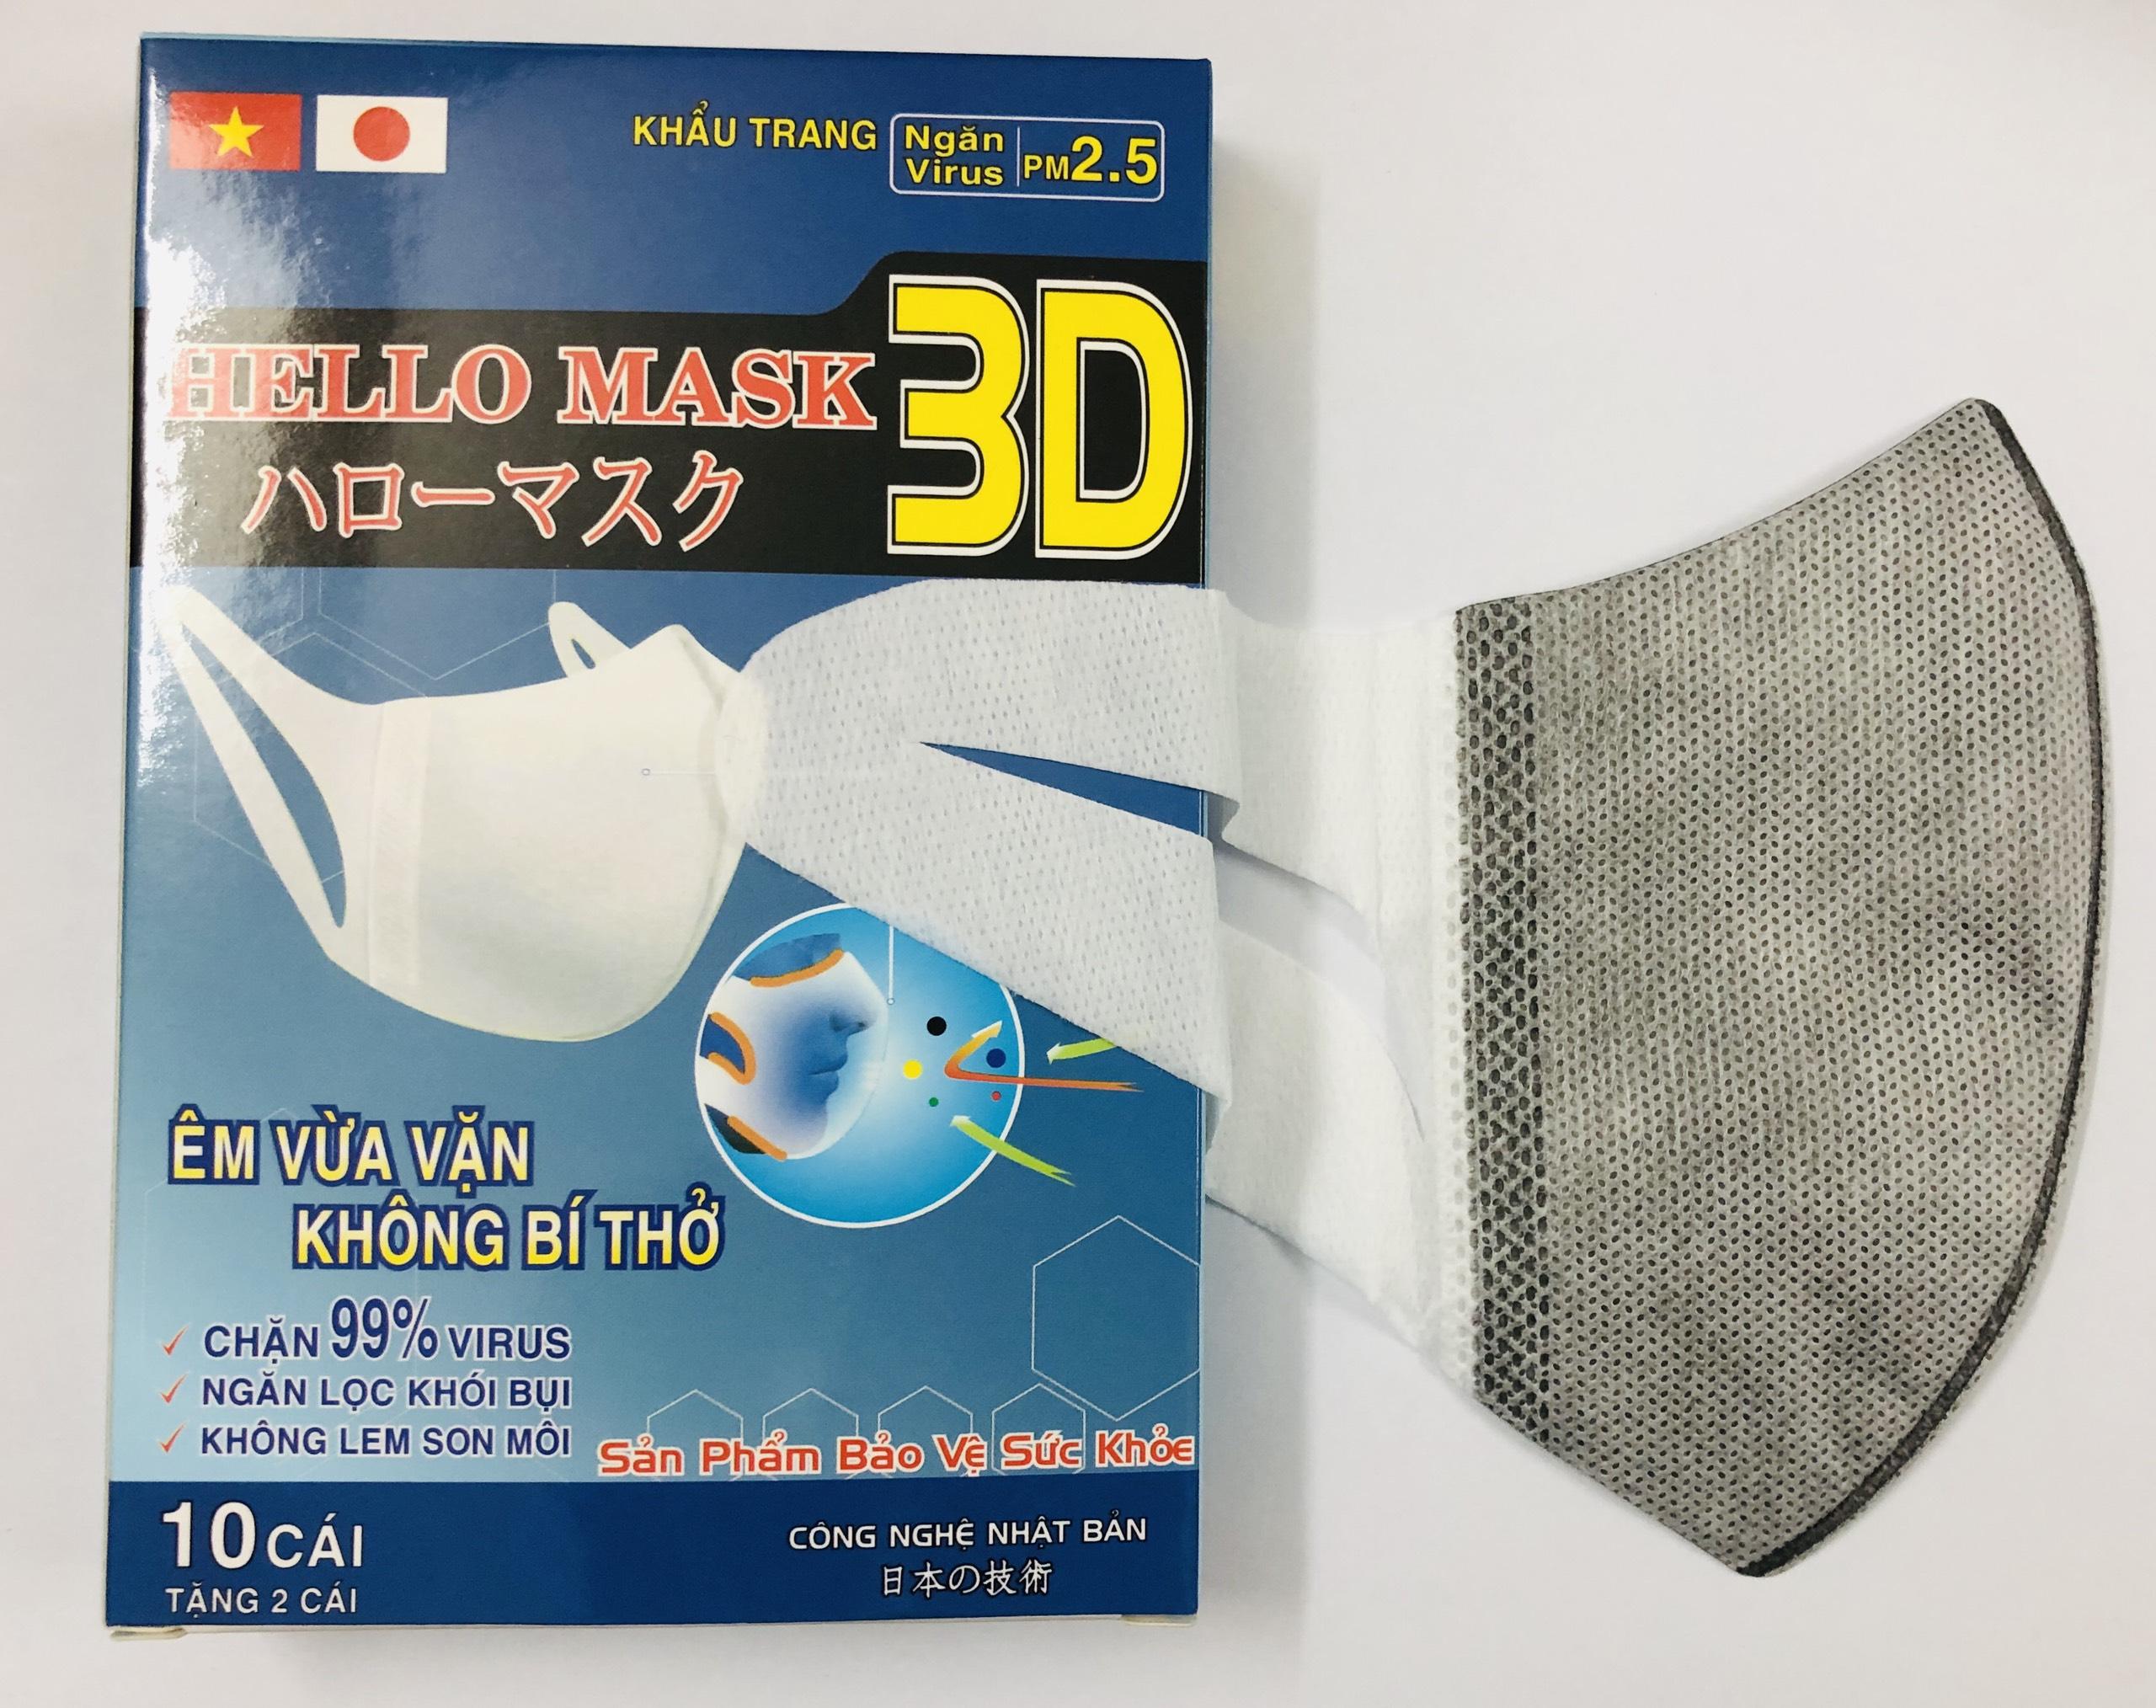 Khẩu Trang 3D Hello Mask (Hộp 10 cái) - Màu Xám